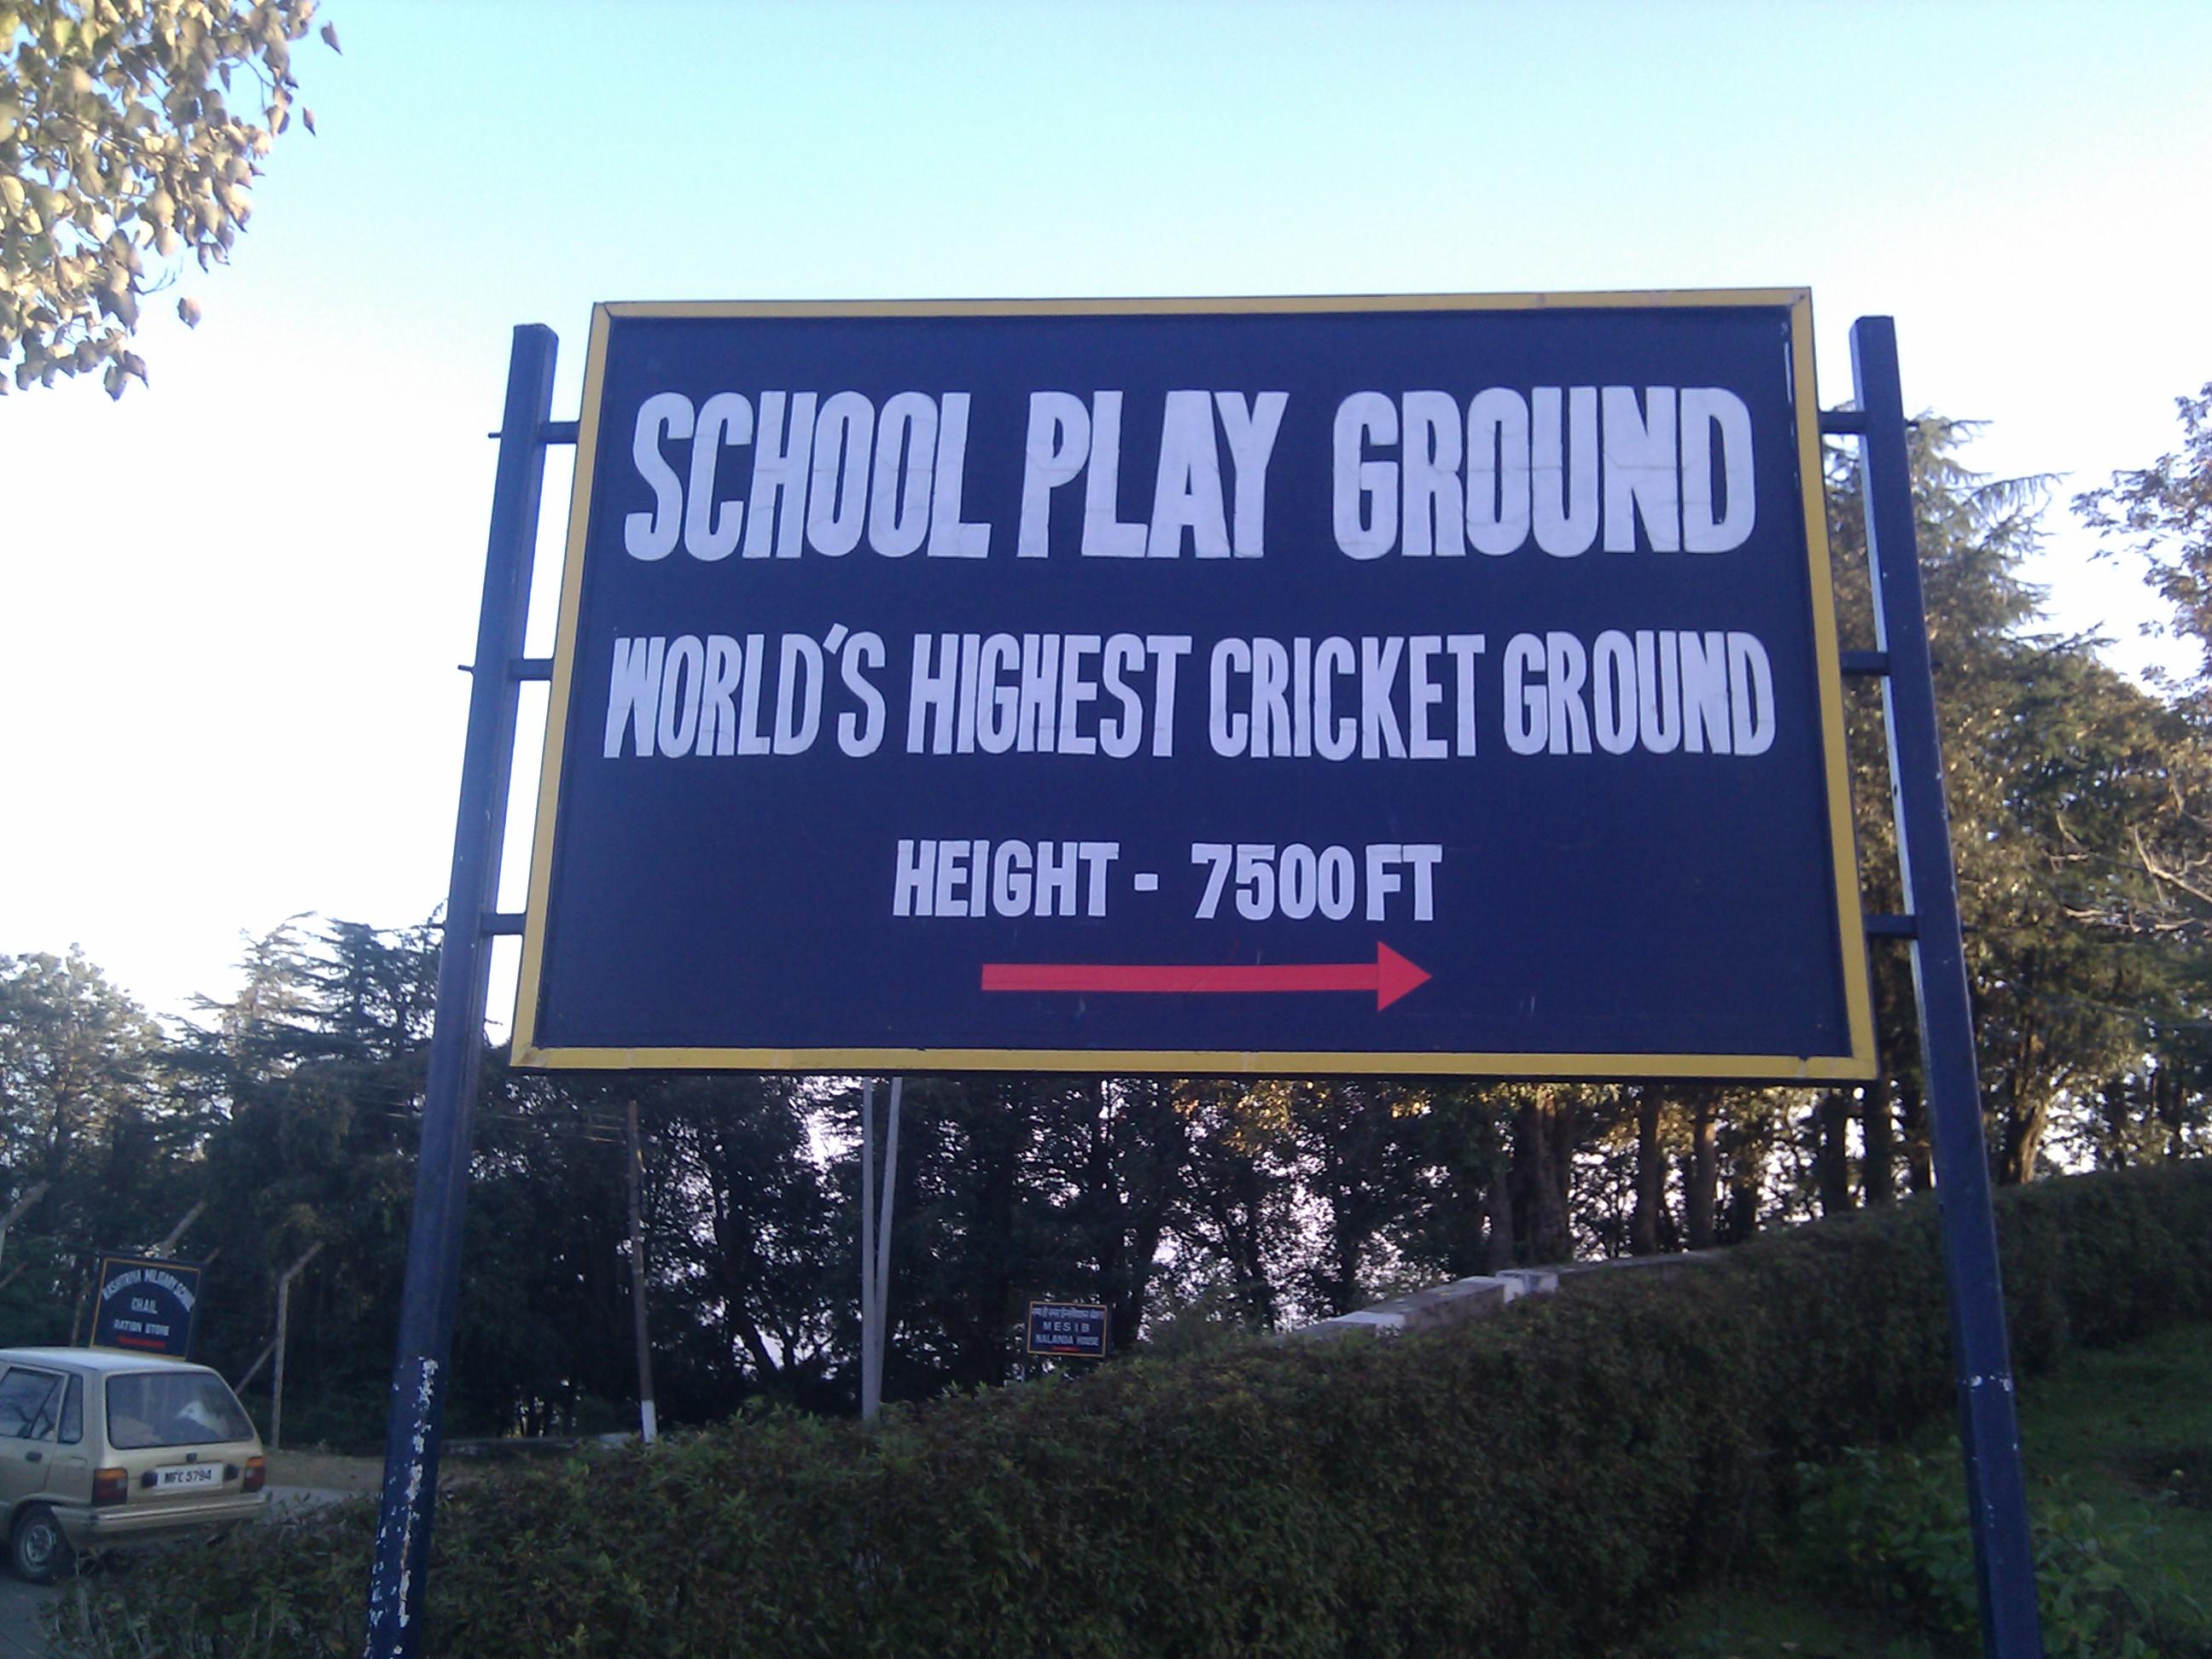 World's highest cricket ground at Chail